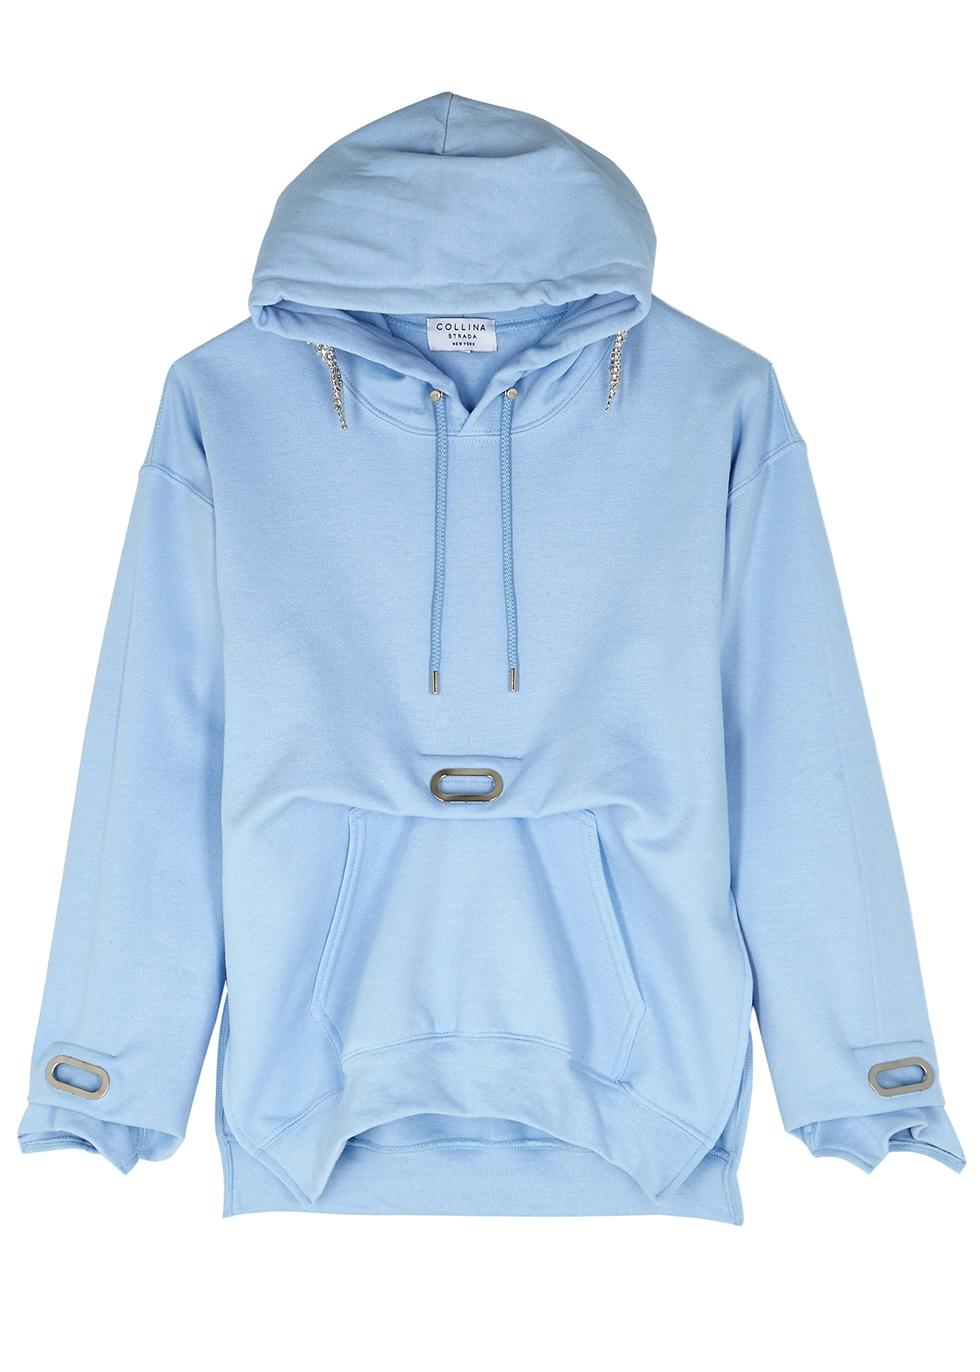 Earring crystal-embellished jersey sweatshirt - Collina Strada